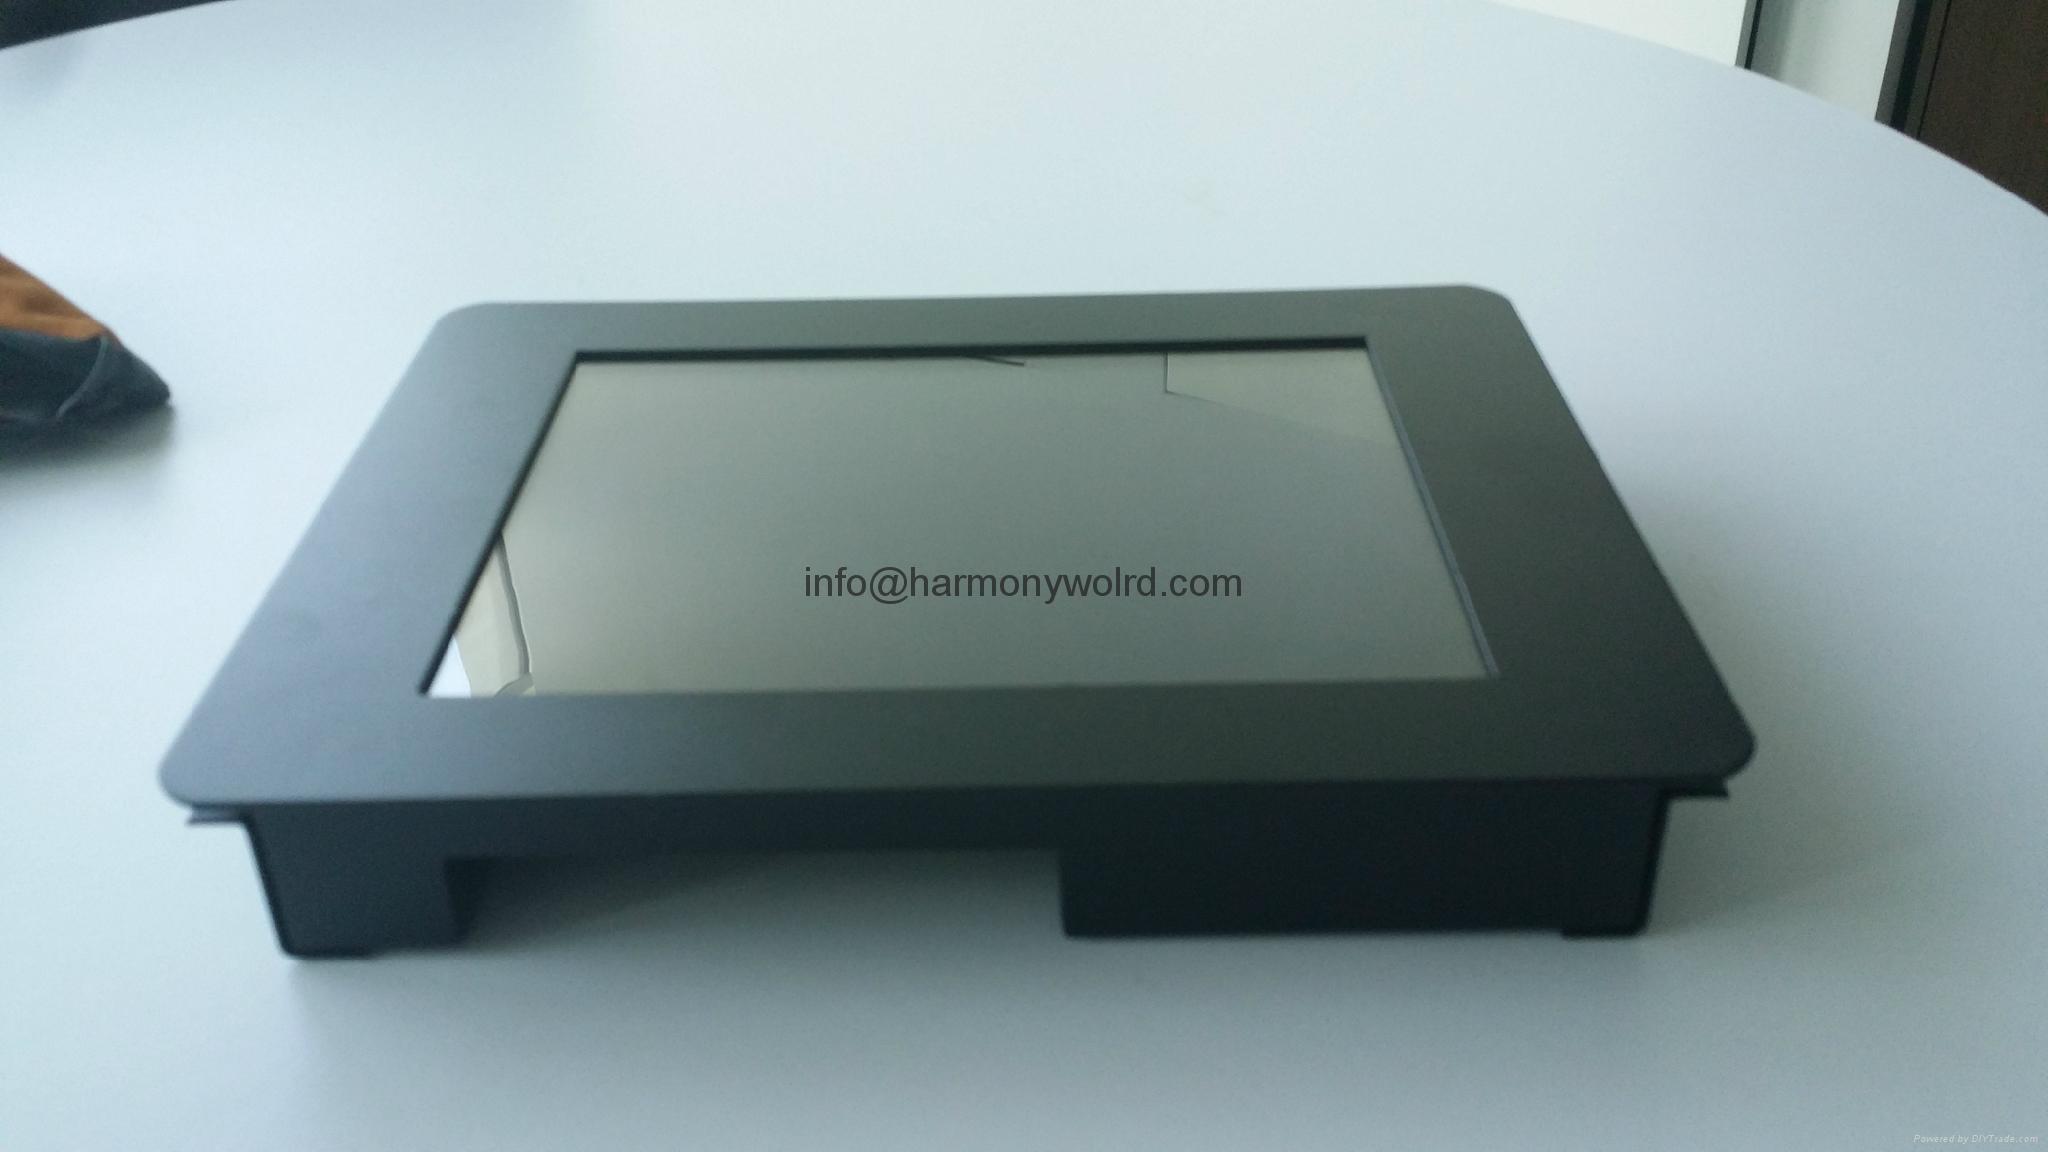 Upgrade selti Monitor sl/8000 ECRAN10 ECR10SVGA SL/T352 216901 SL/851042003    4